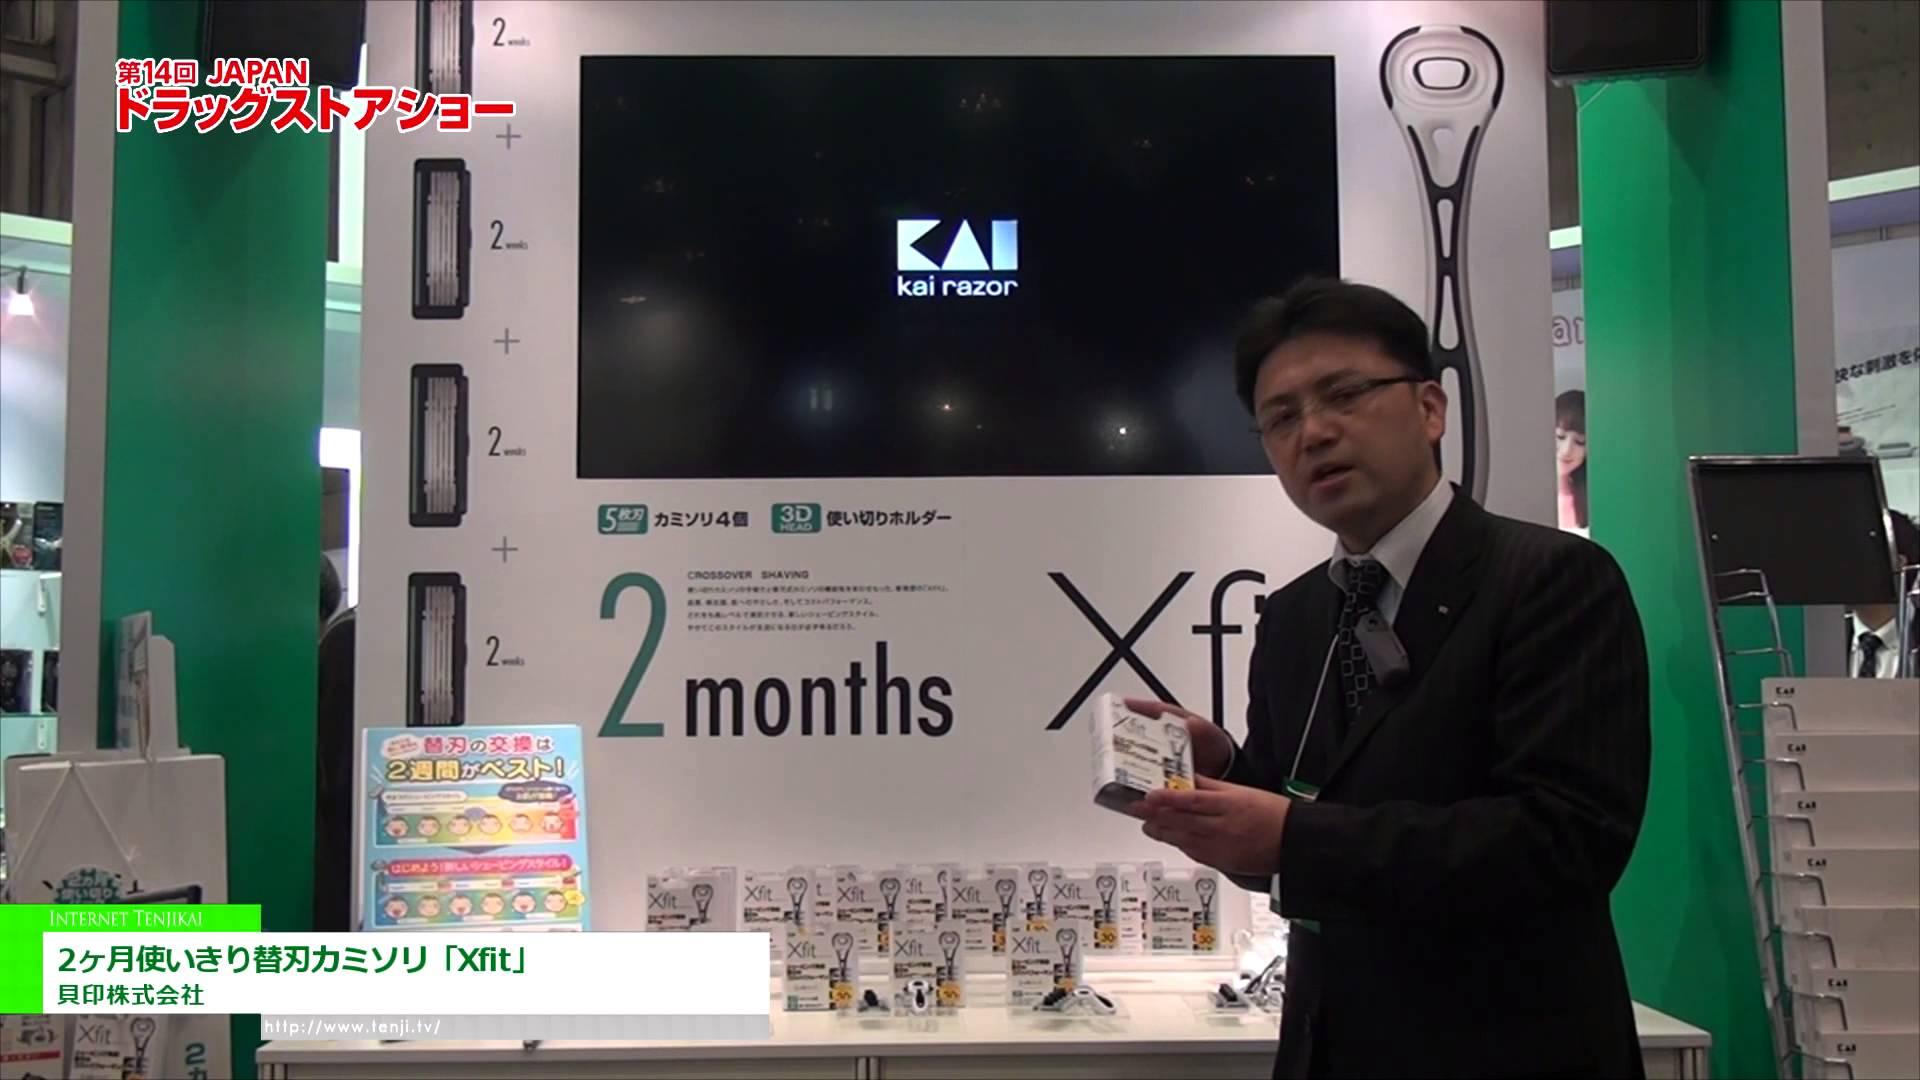 [第14回JAPANドラッグストアショー] 2ヶ月使いきり替刃カミソリ「Xfit」 – 貝印株式会社